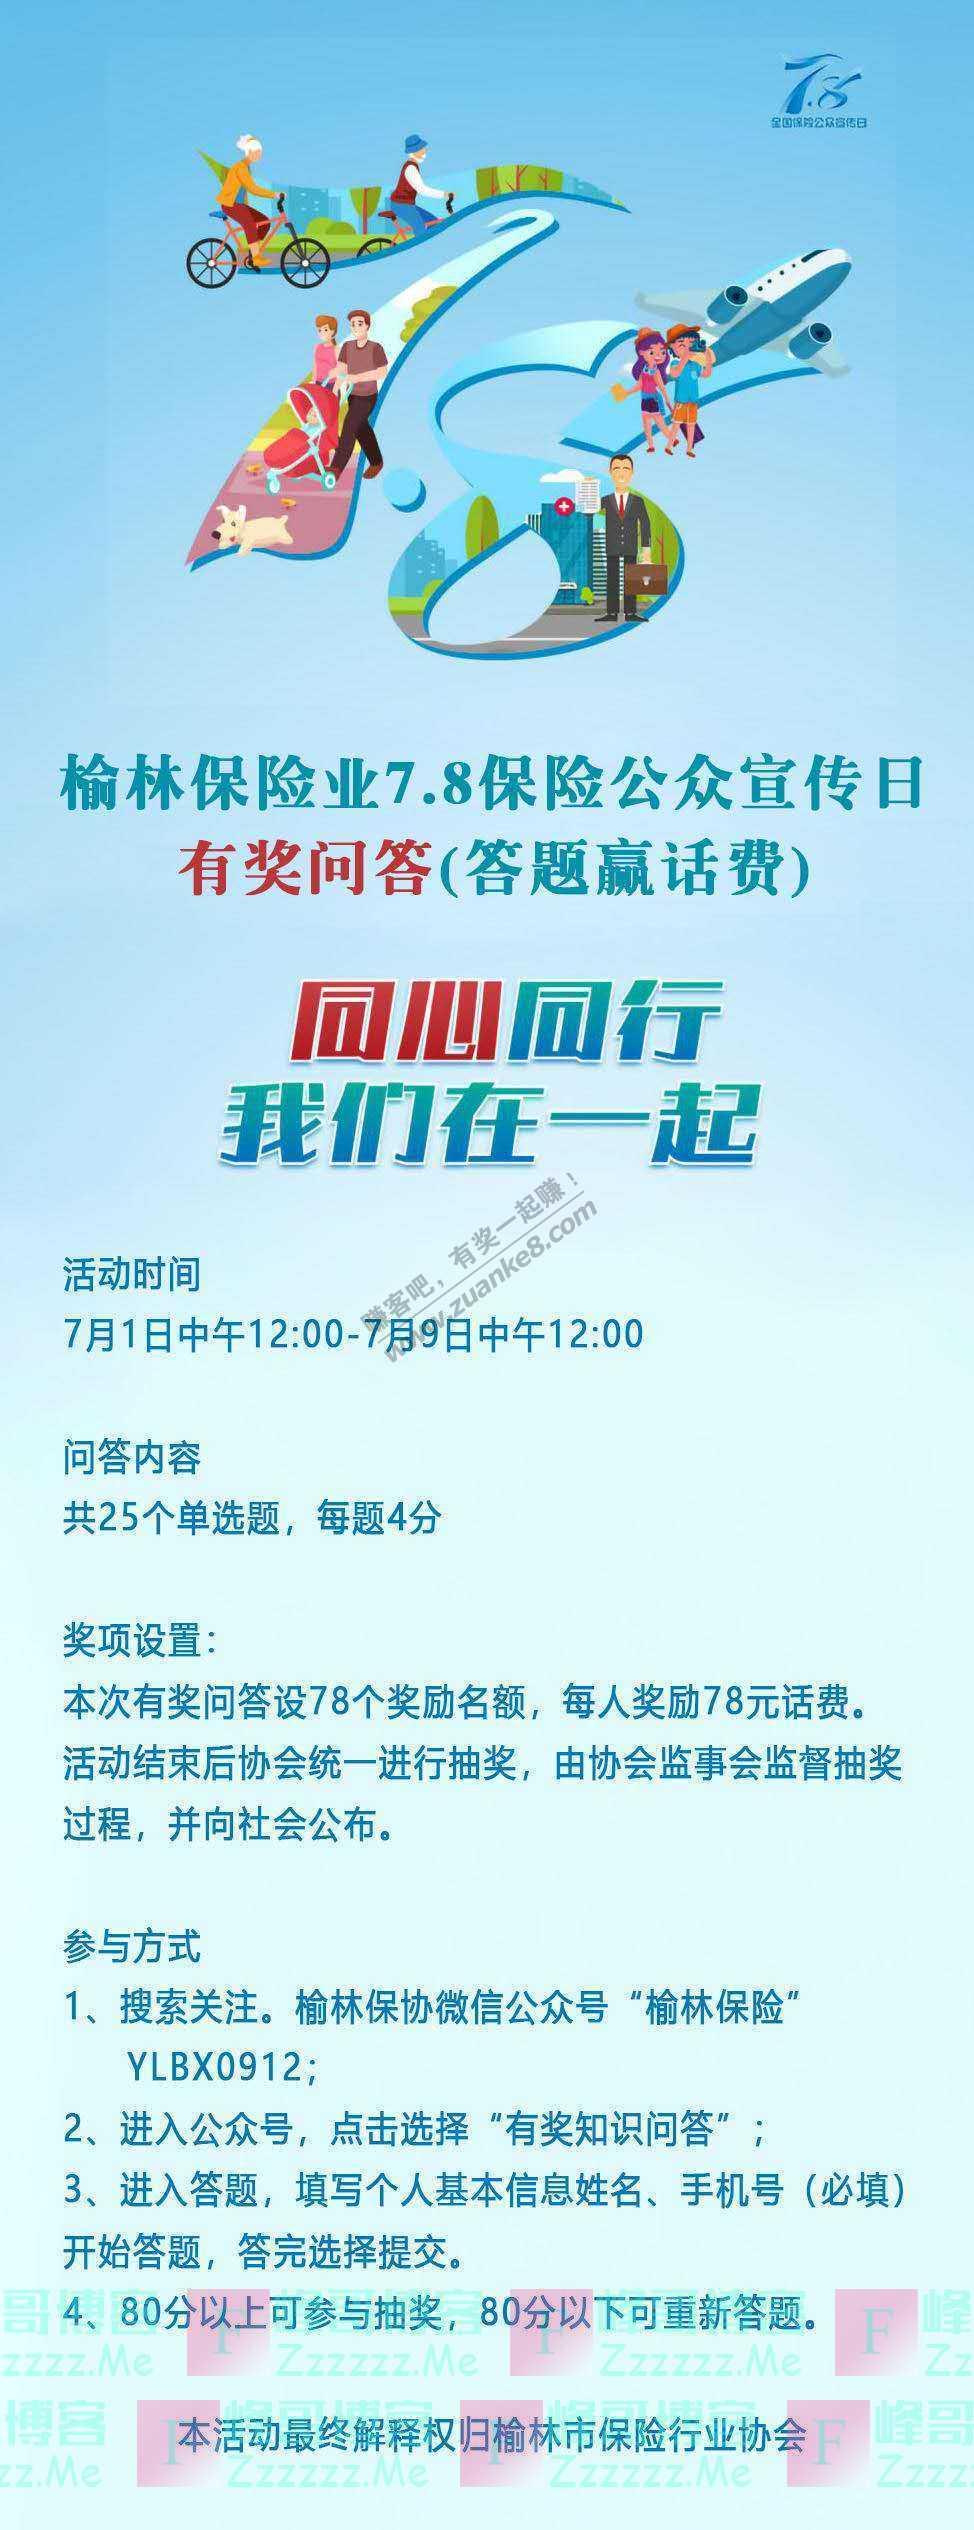 榆林保险7.8全国保险 公众宣传日有奖问答活动(截止7月9日)